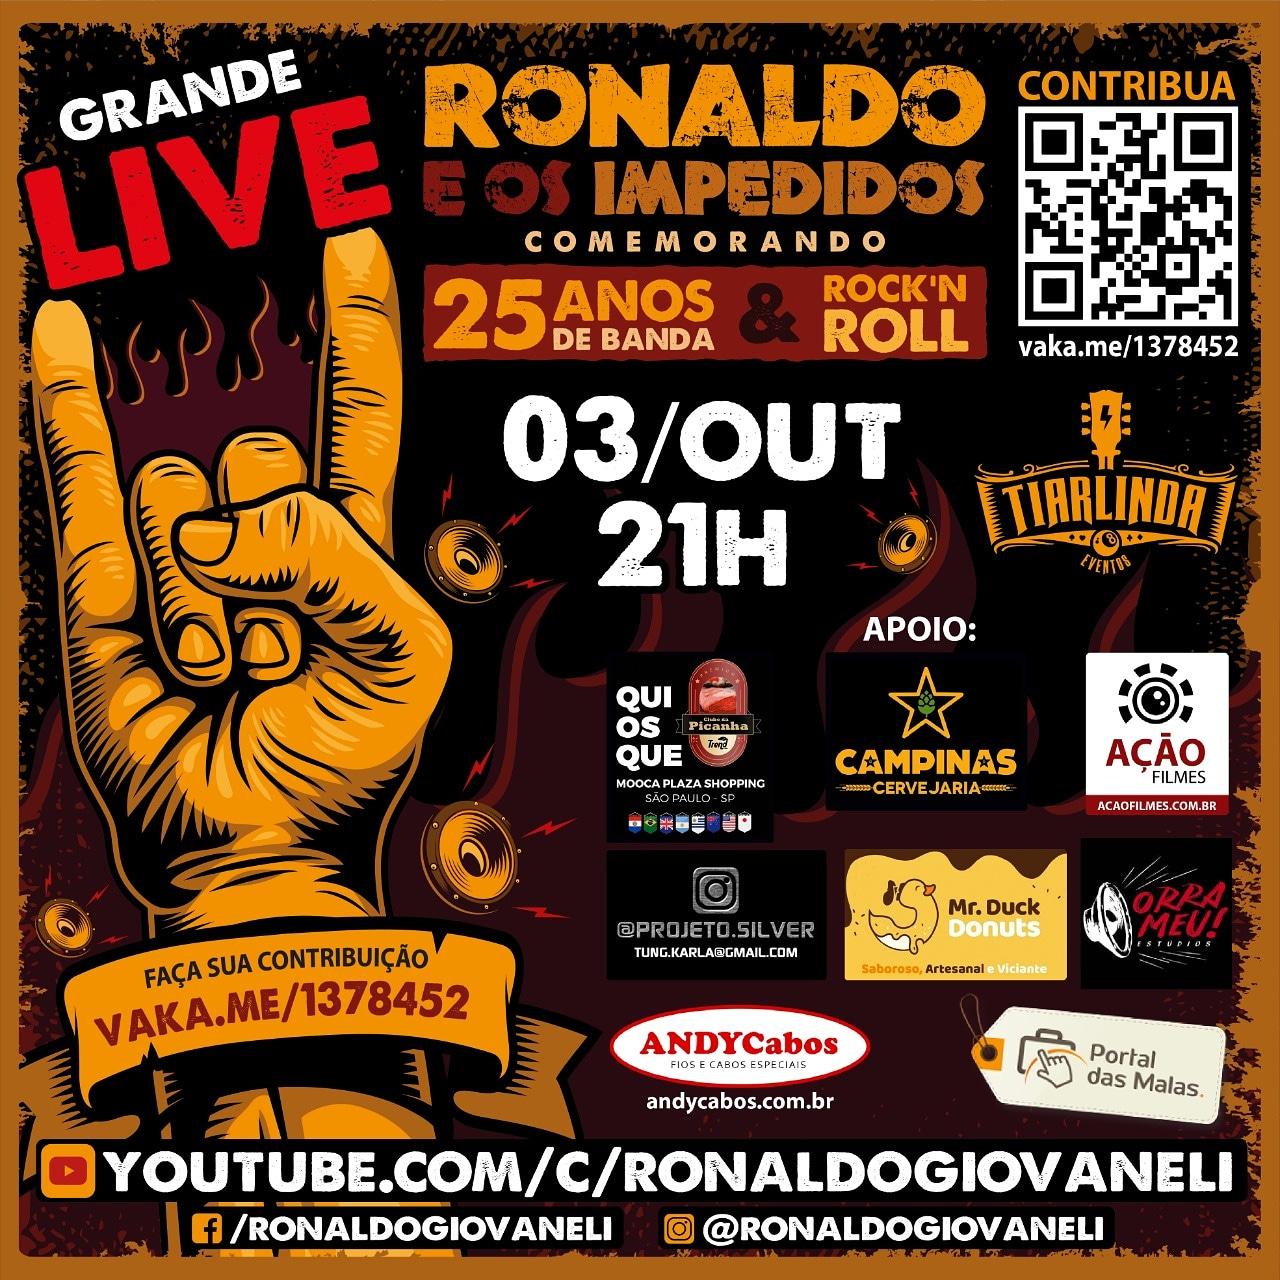 Ronaldo e os Impedidos comemoram 25 anos com Live neste sábado